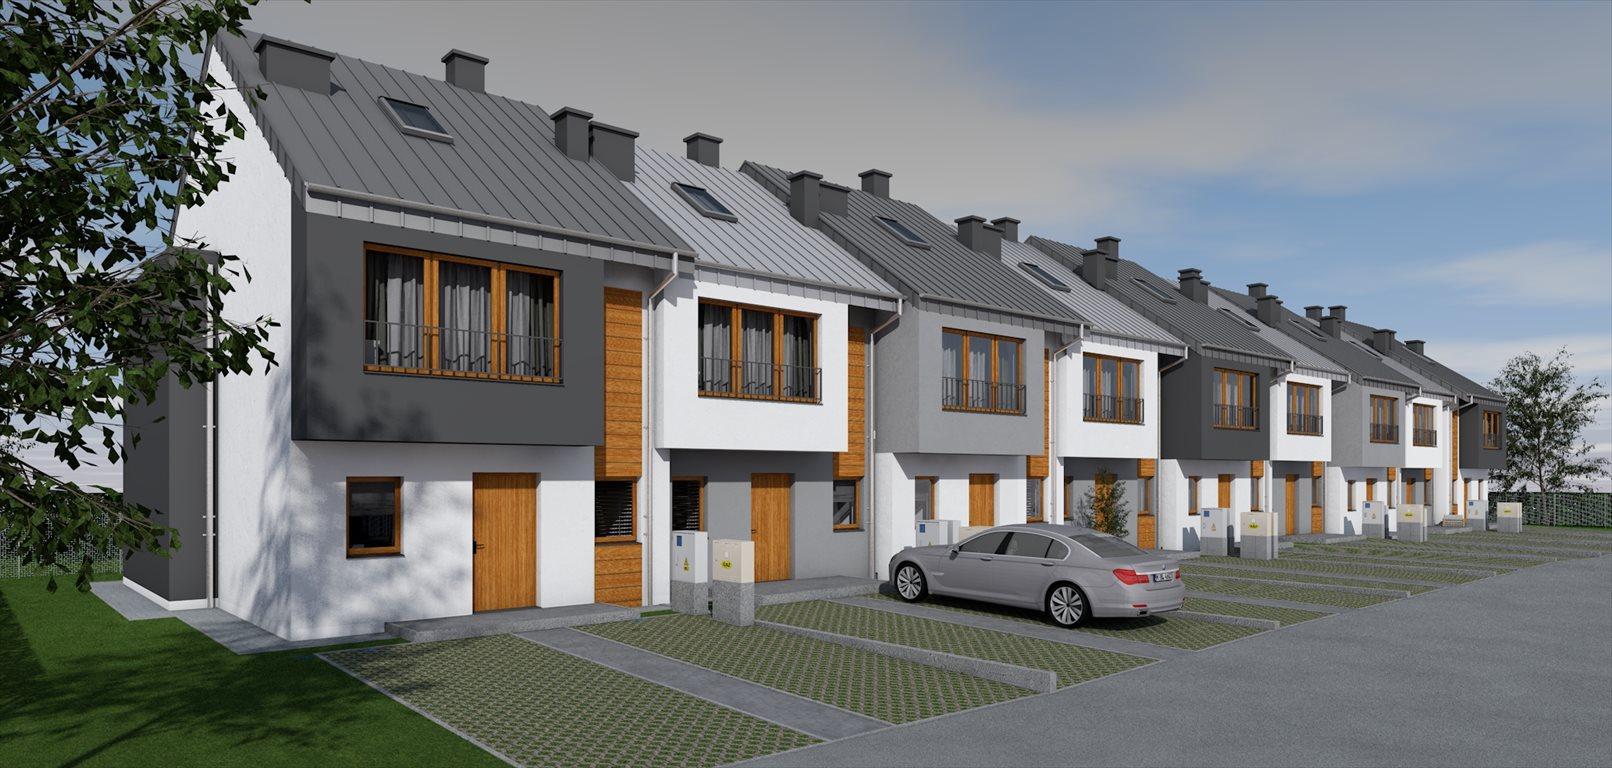 Dom na sprzedaż Rzeszów, Załęże, Jaspisowa 52  83m2 Foto 1